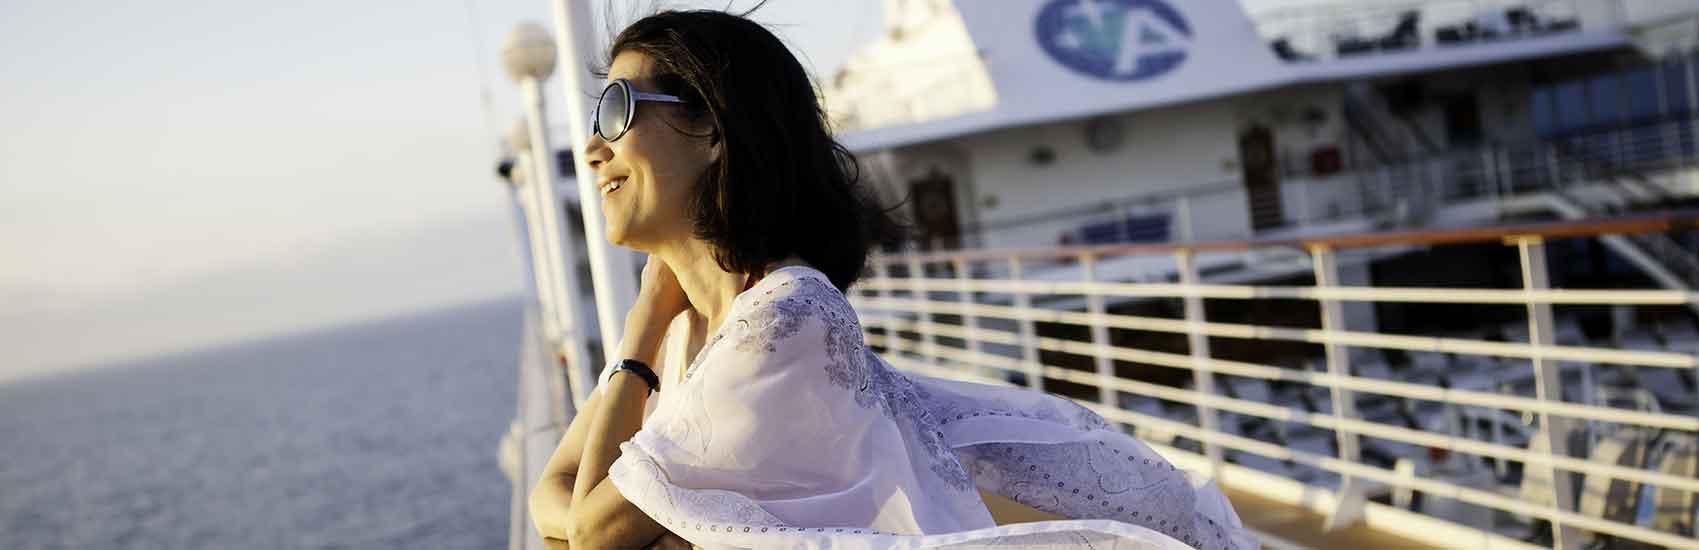 Travel Solo with Azamara Cruises